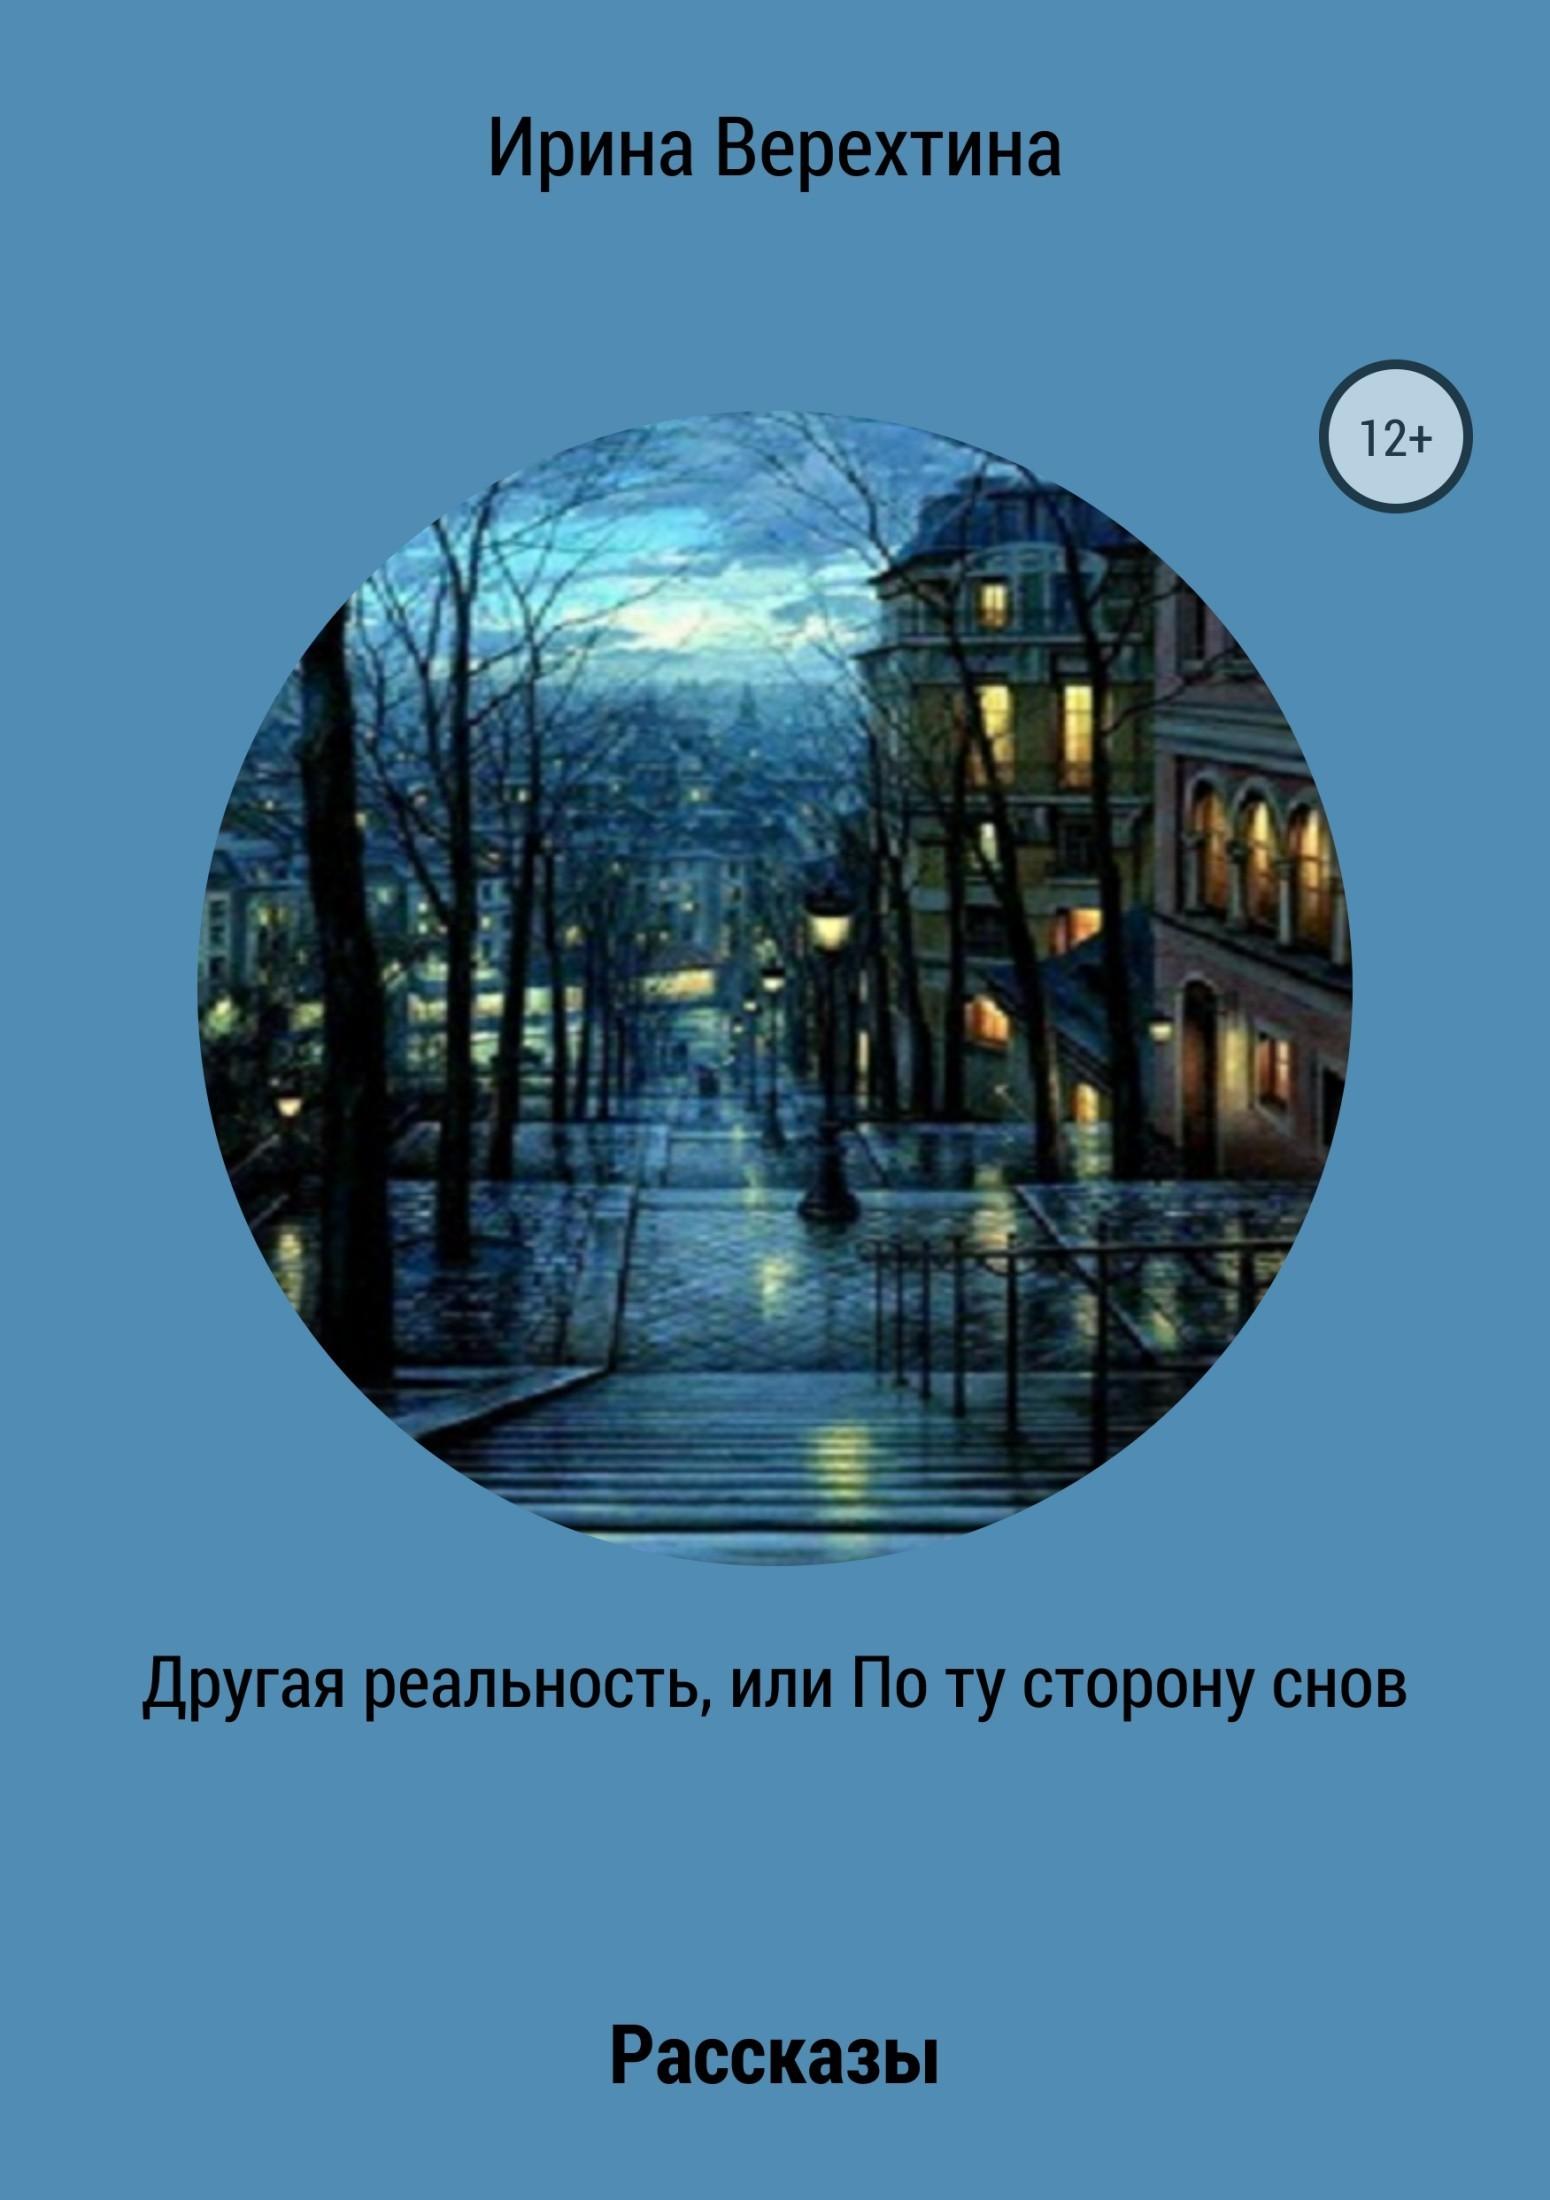 Ирина Верехтина Другая реальность, или По ту сторону снов. Сборник рассказов цена